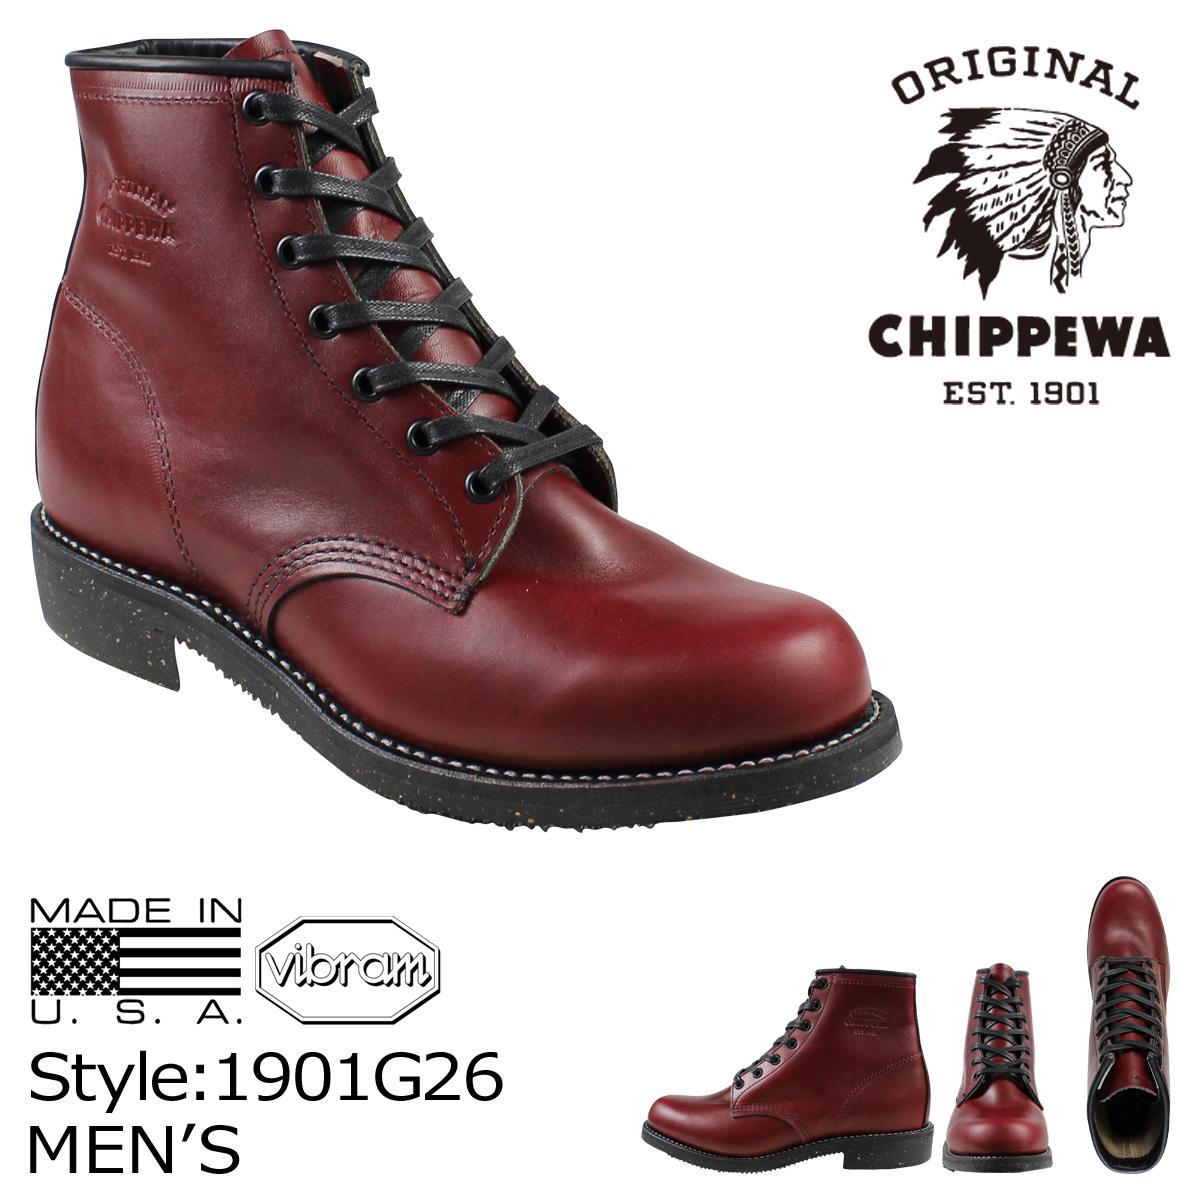 CHIPPEWA ブーツ 6インチ サービス チペワ 6INCH SERVICE BOOT 1901G26 Dワイズ バーガンディー メンズ [3/30 再入荷]